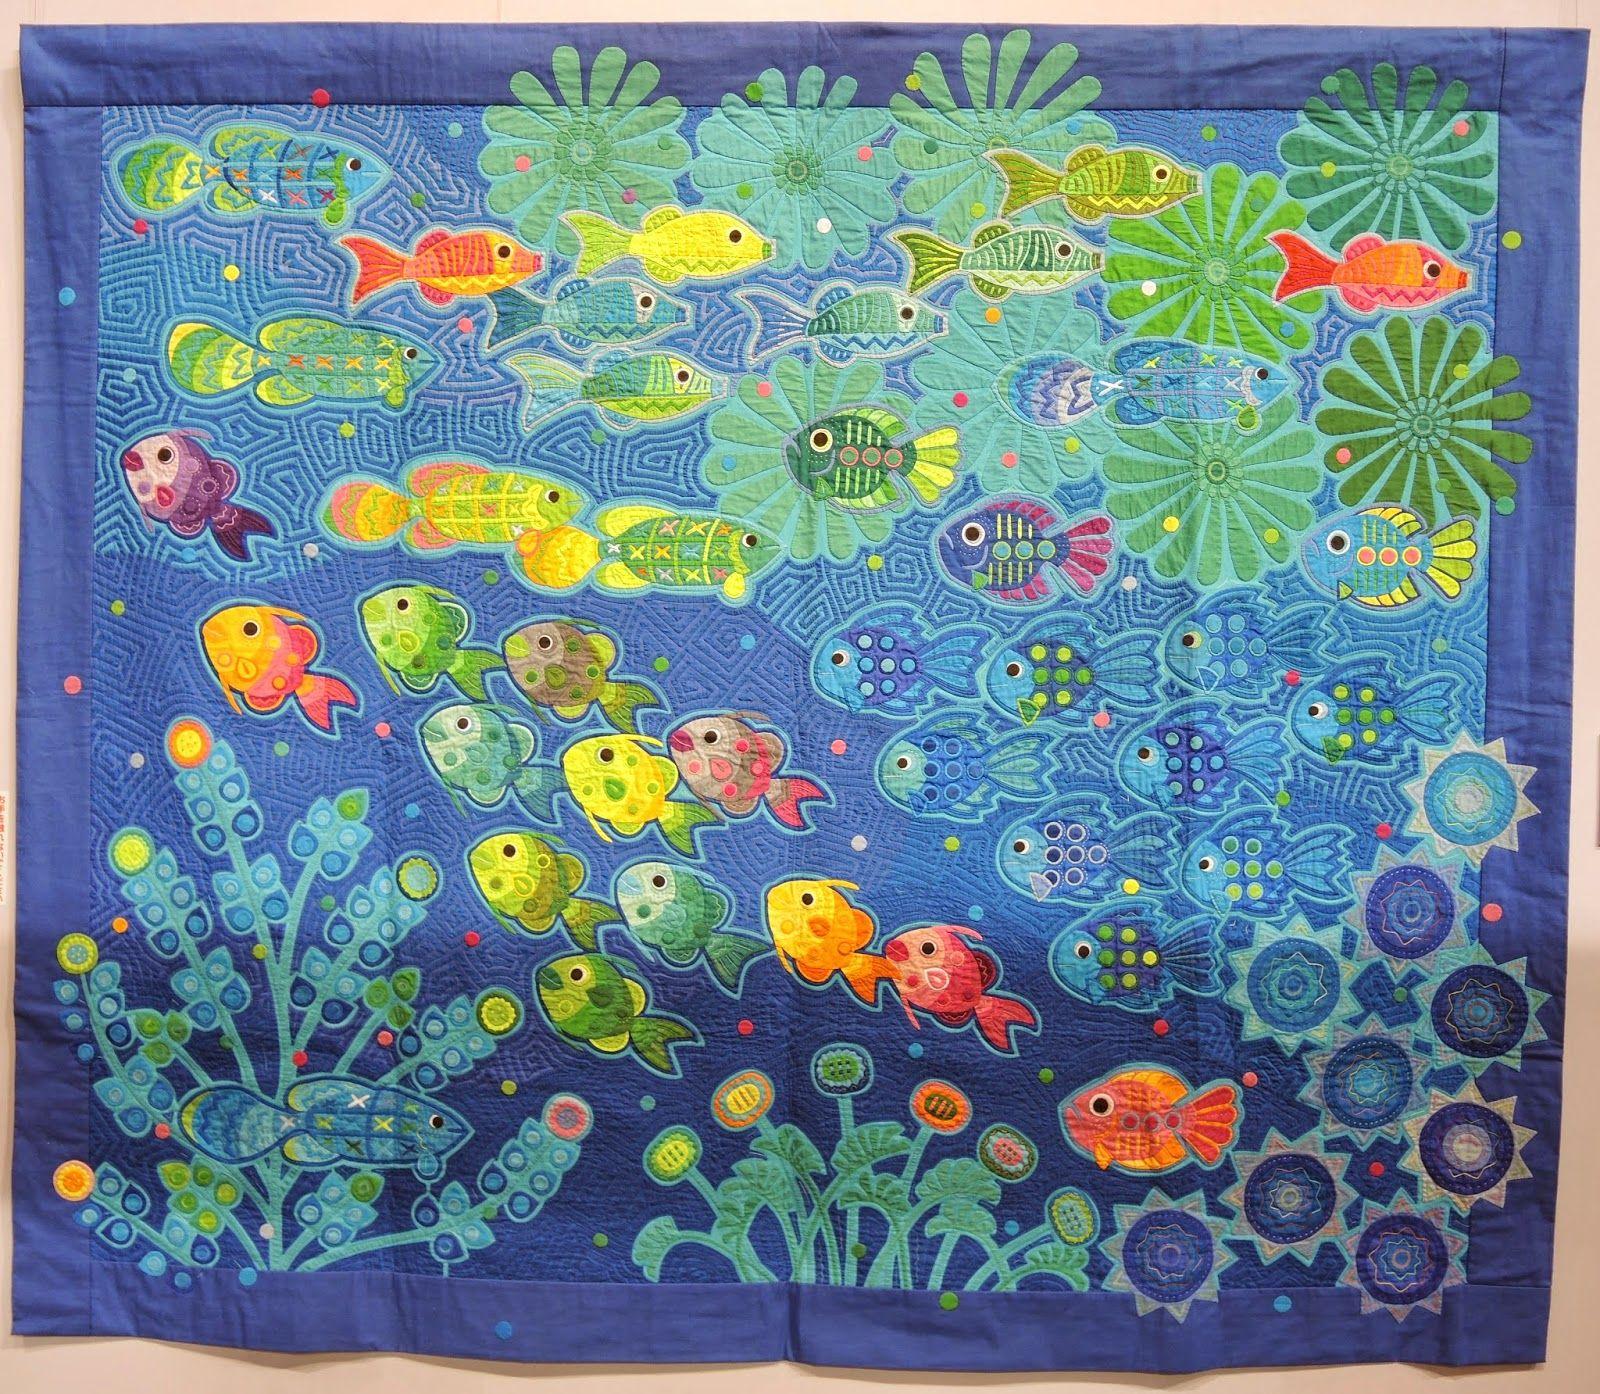 yasuko photo my quilt julie show diary mola fukuda pin fish by tokyo kawaguchi